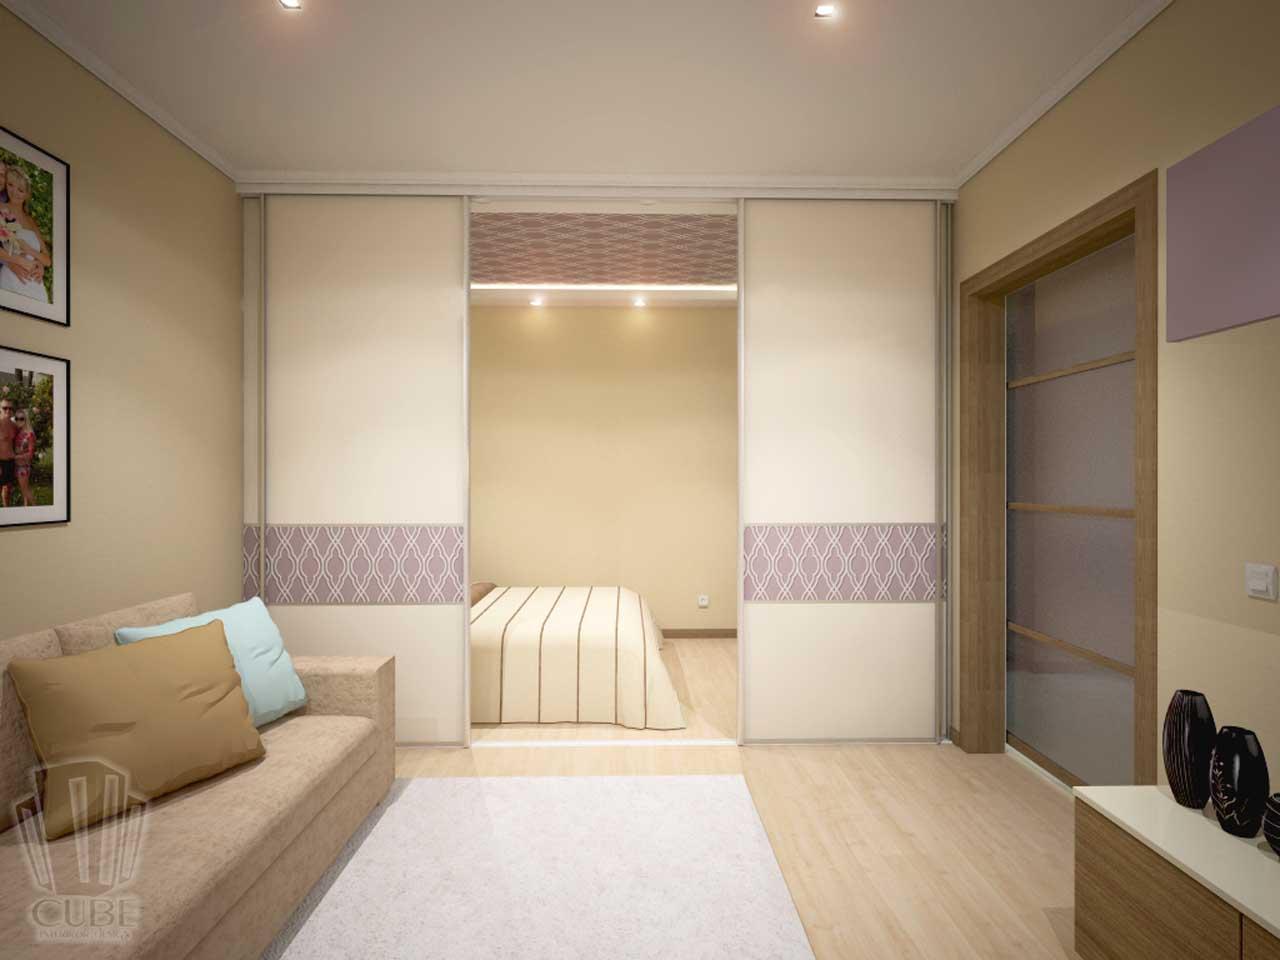 Дизайн-проект интерьера. Тюмень ул. Широтная д.158. Квартира для молодой семьи (12)